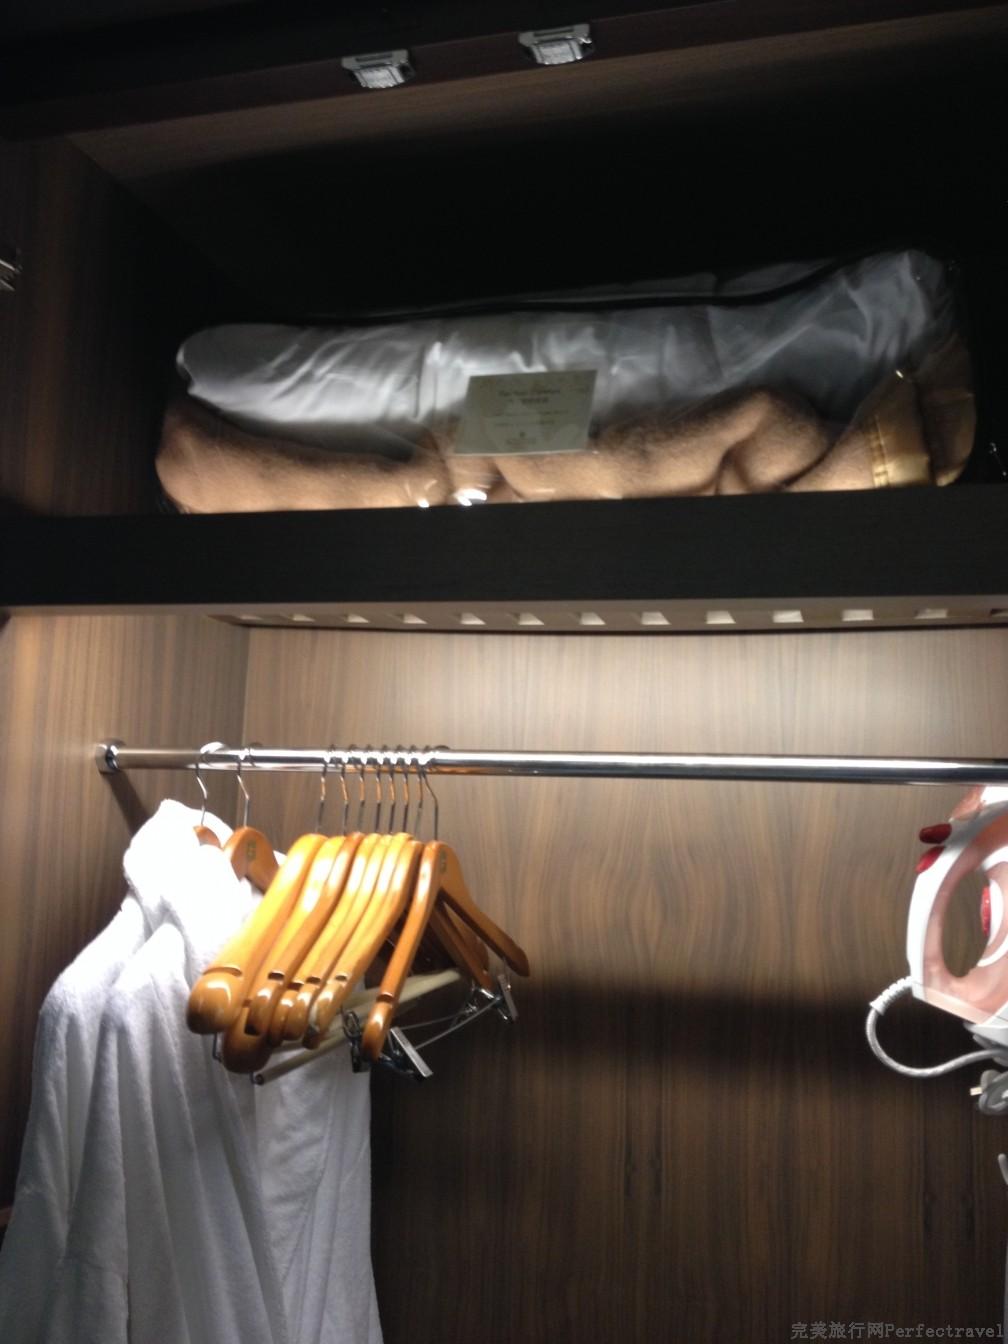 扬州香格里拉-赠人玫瑰,手有余香 - 完美旅行Perfectravel - 完美旅行Perfectravel的博客